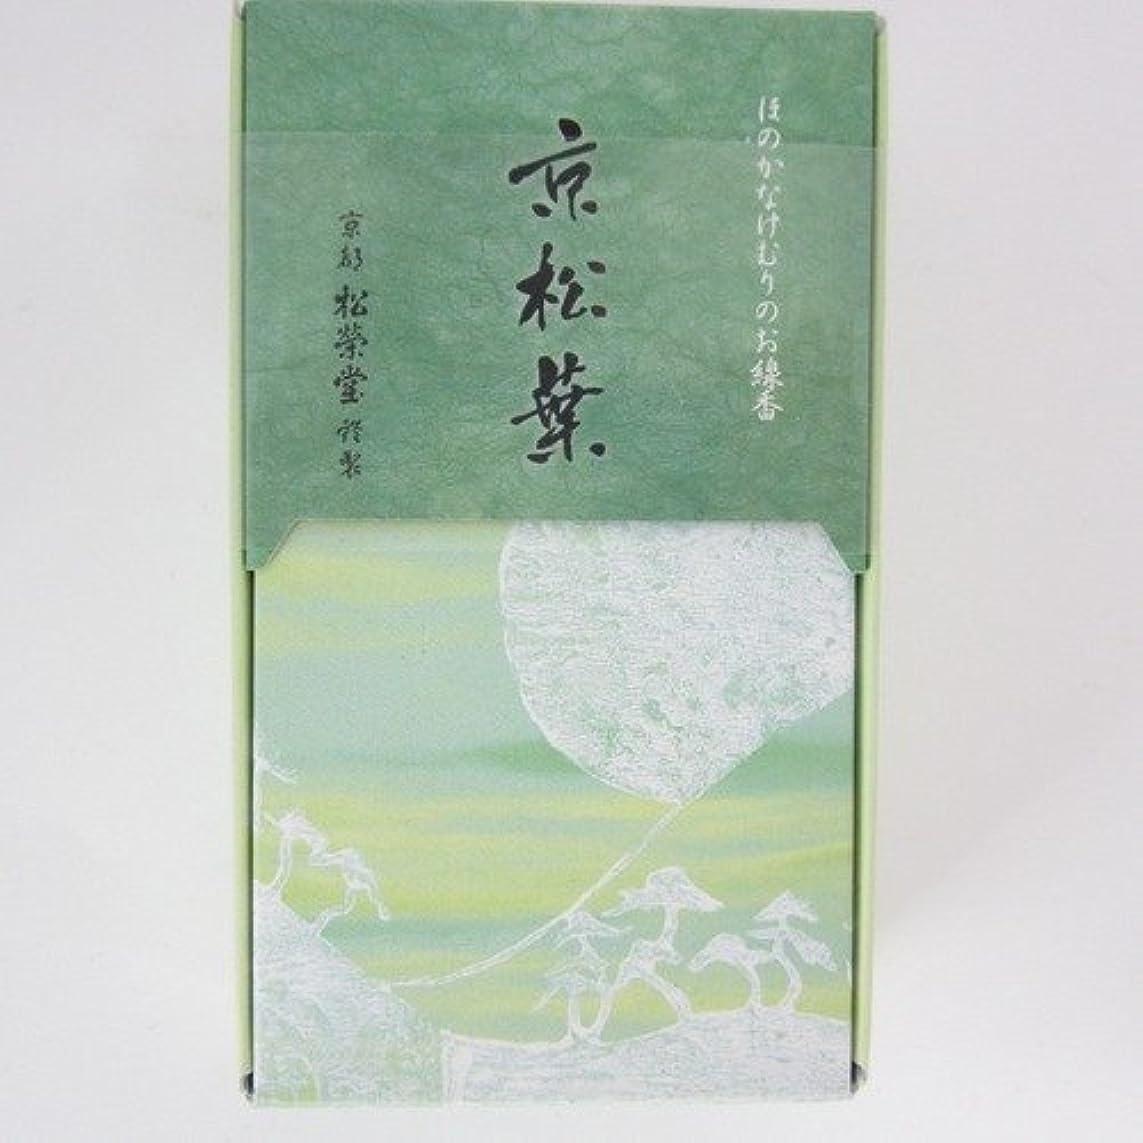 担当者ピンチ慎重松栄堂 玉響シリーズ お香 京松葉 45g